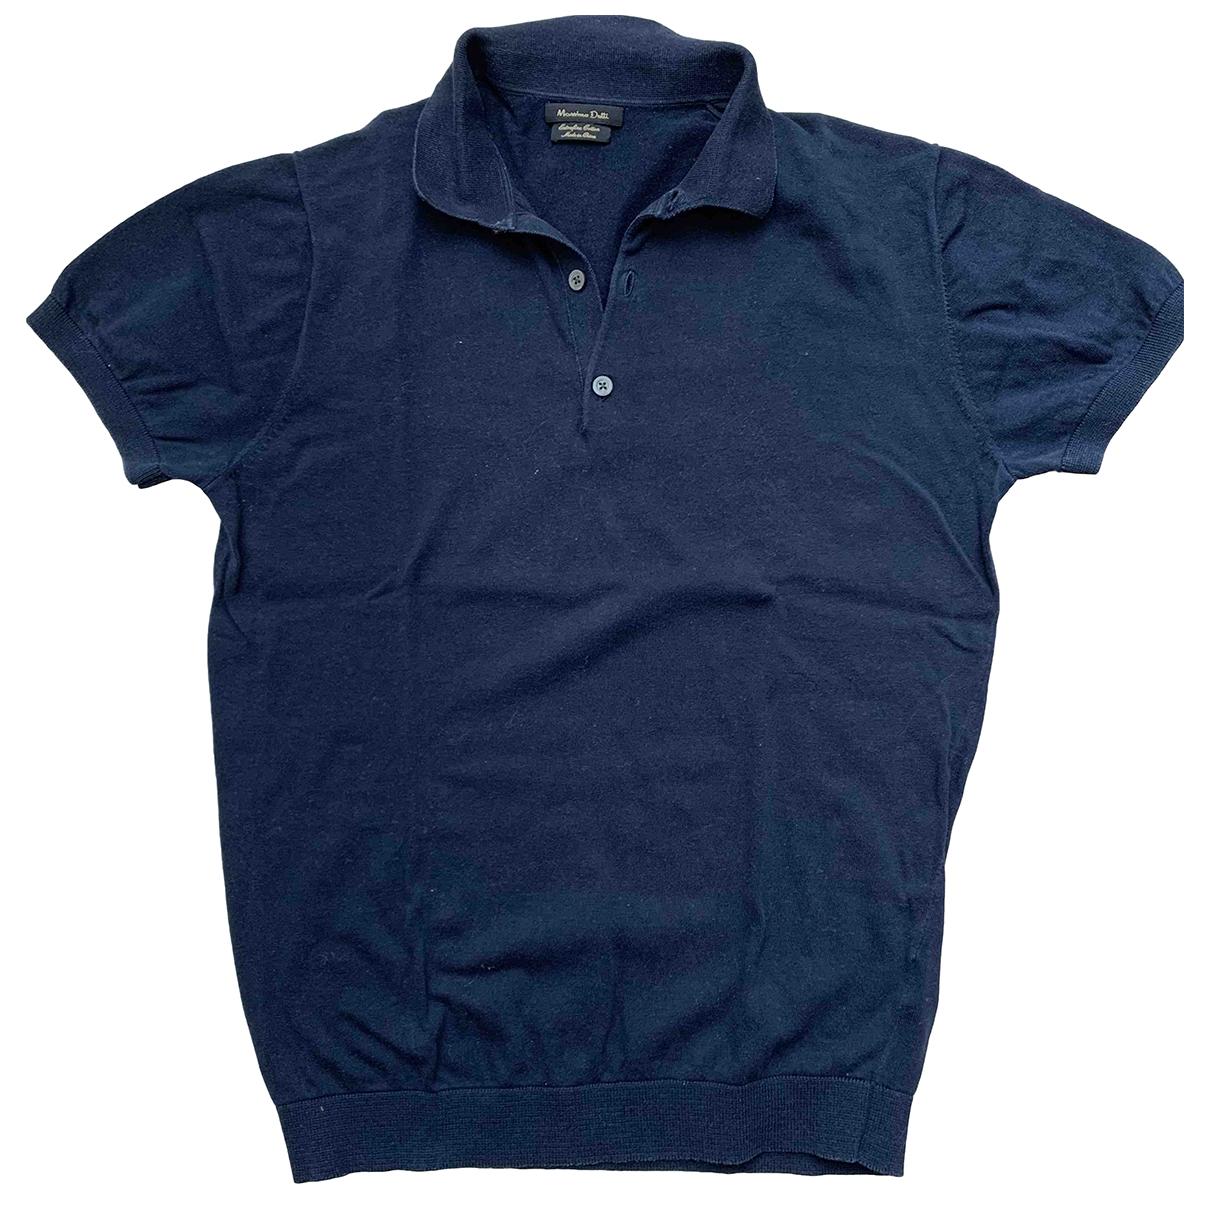 Massimo Dutti - Polos   pour homme en coton - bleu